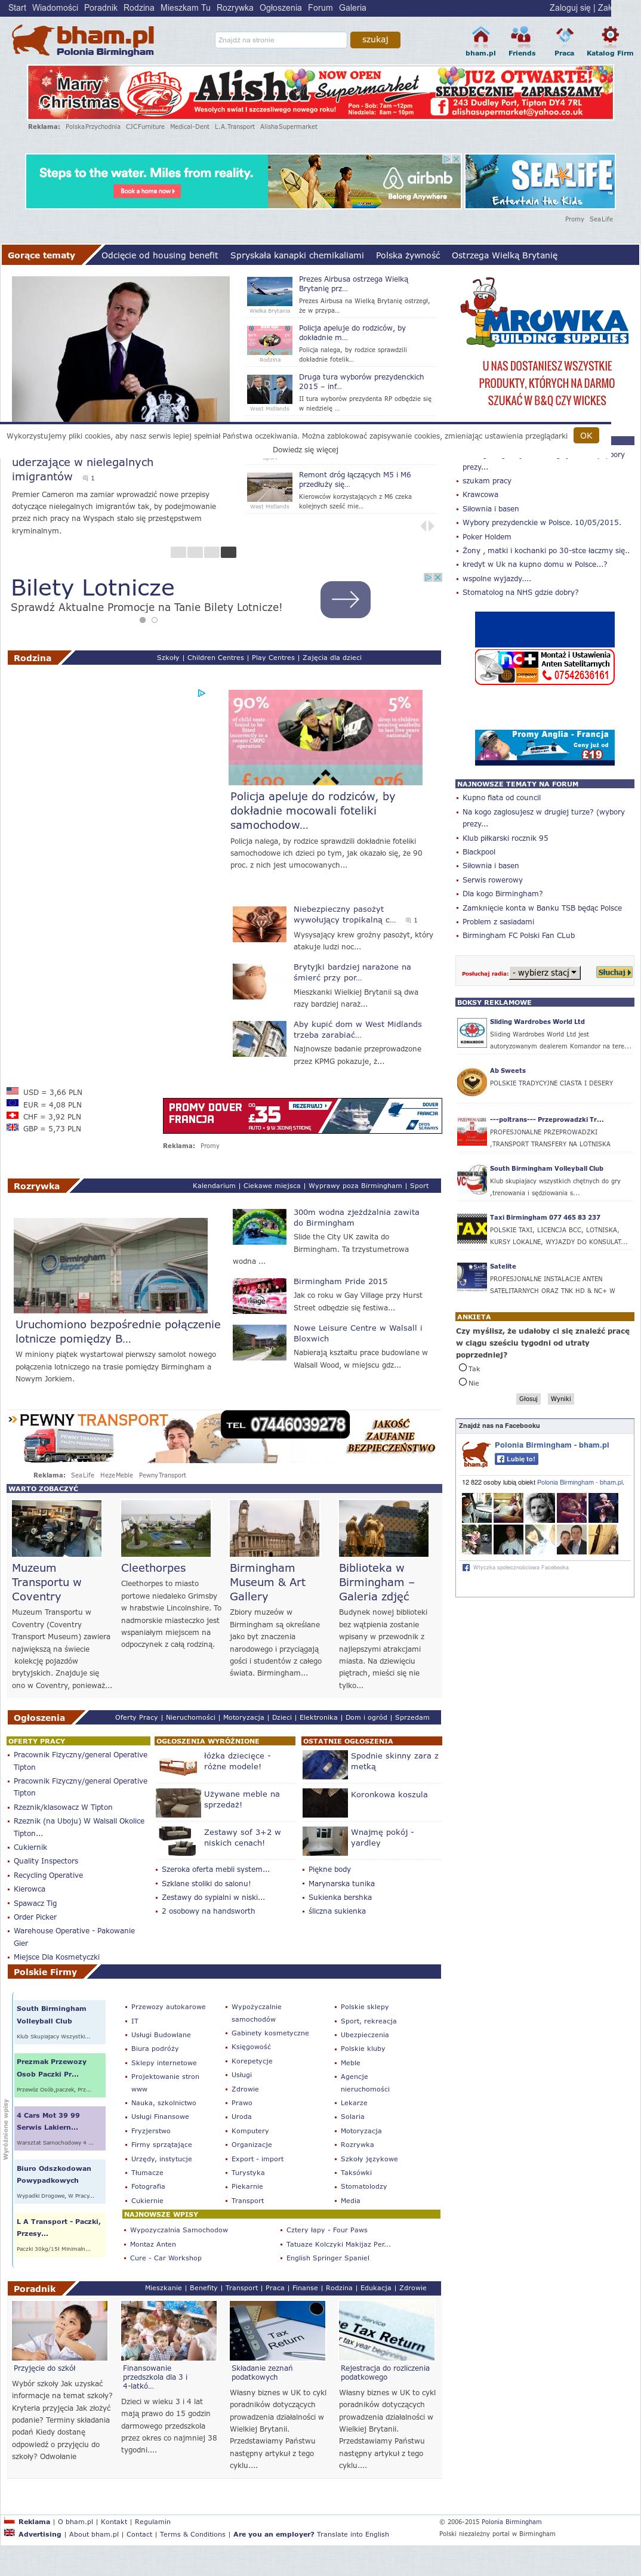 birmingham polonia ogłoszenia